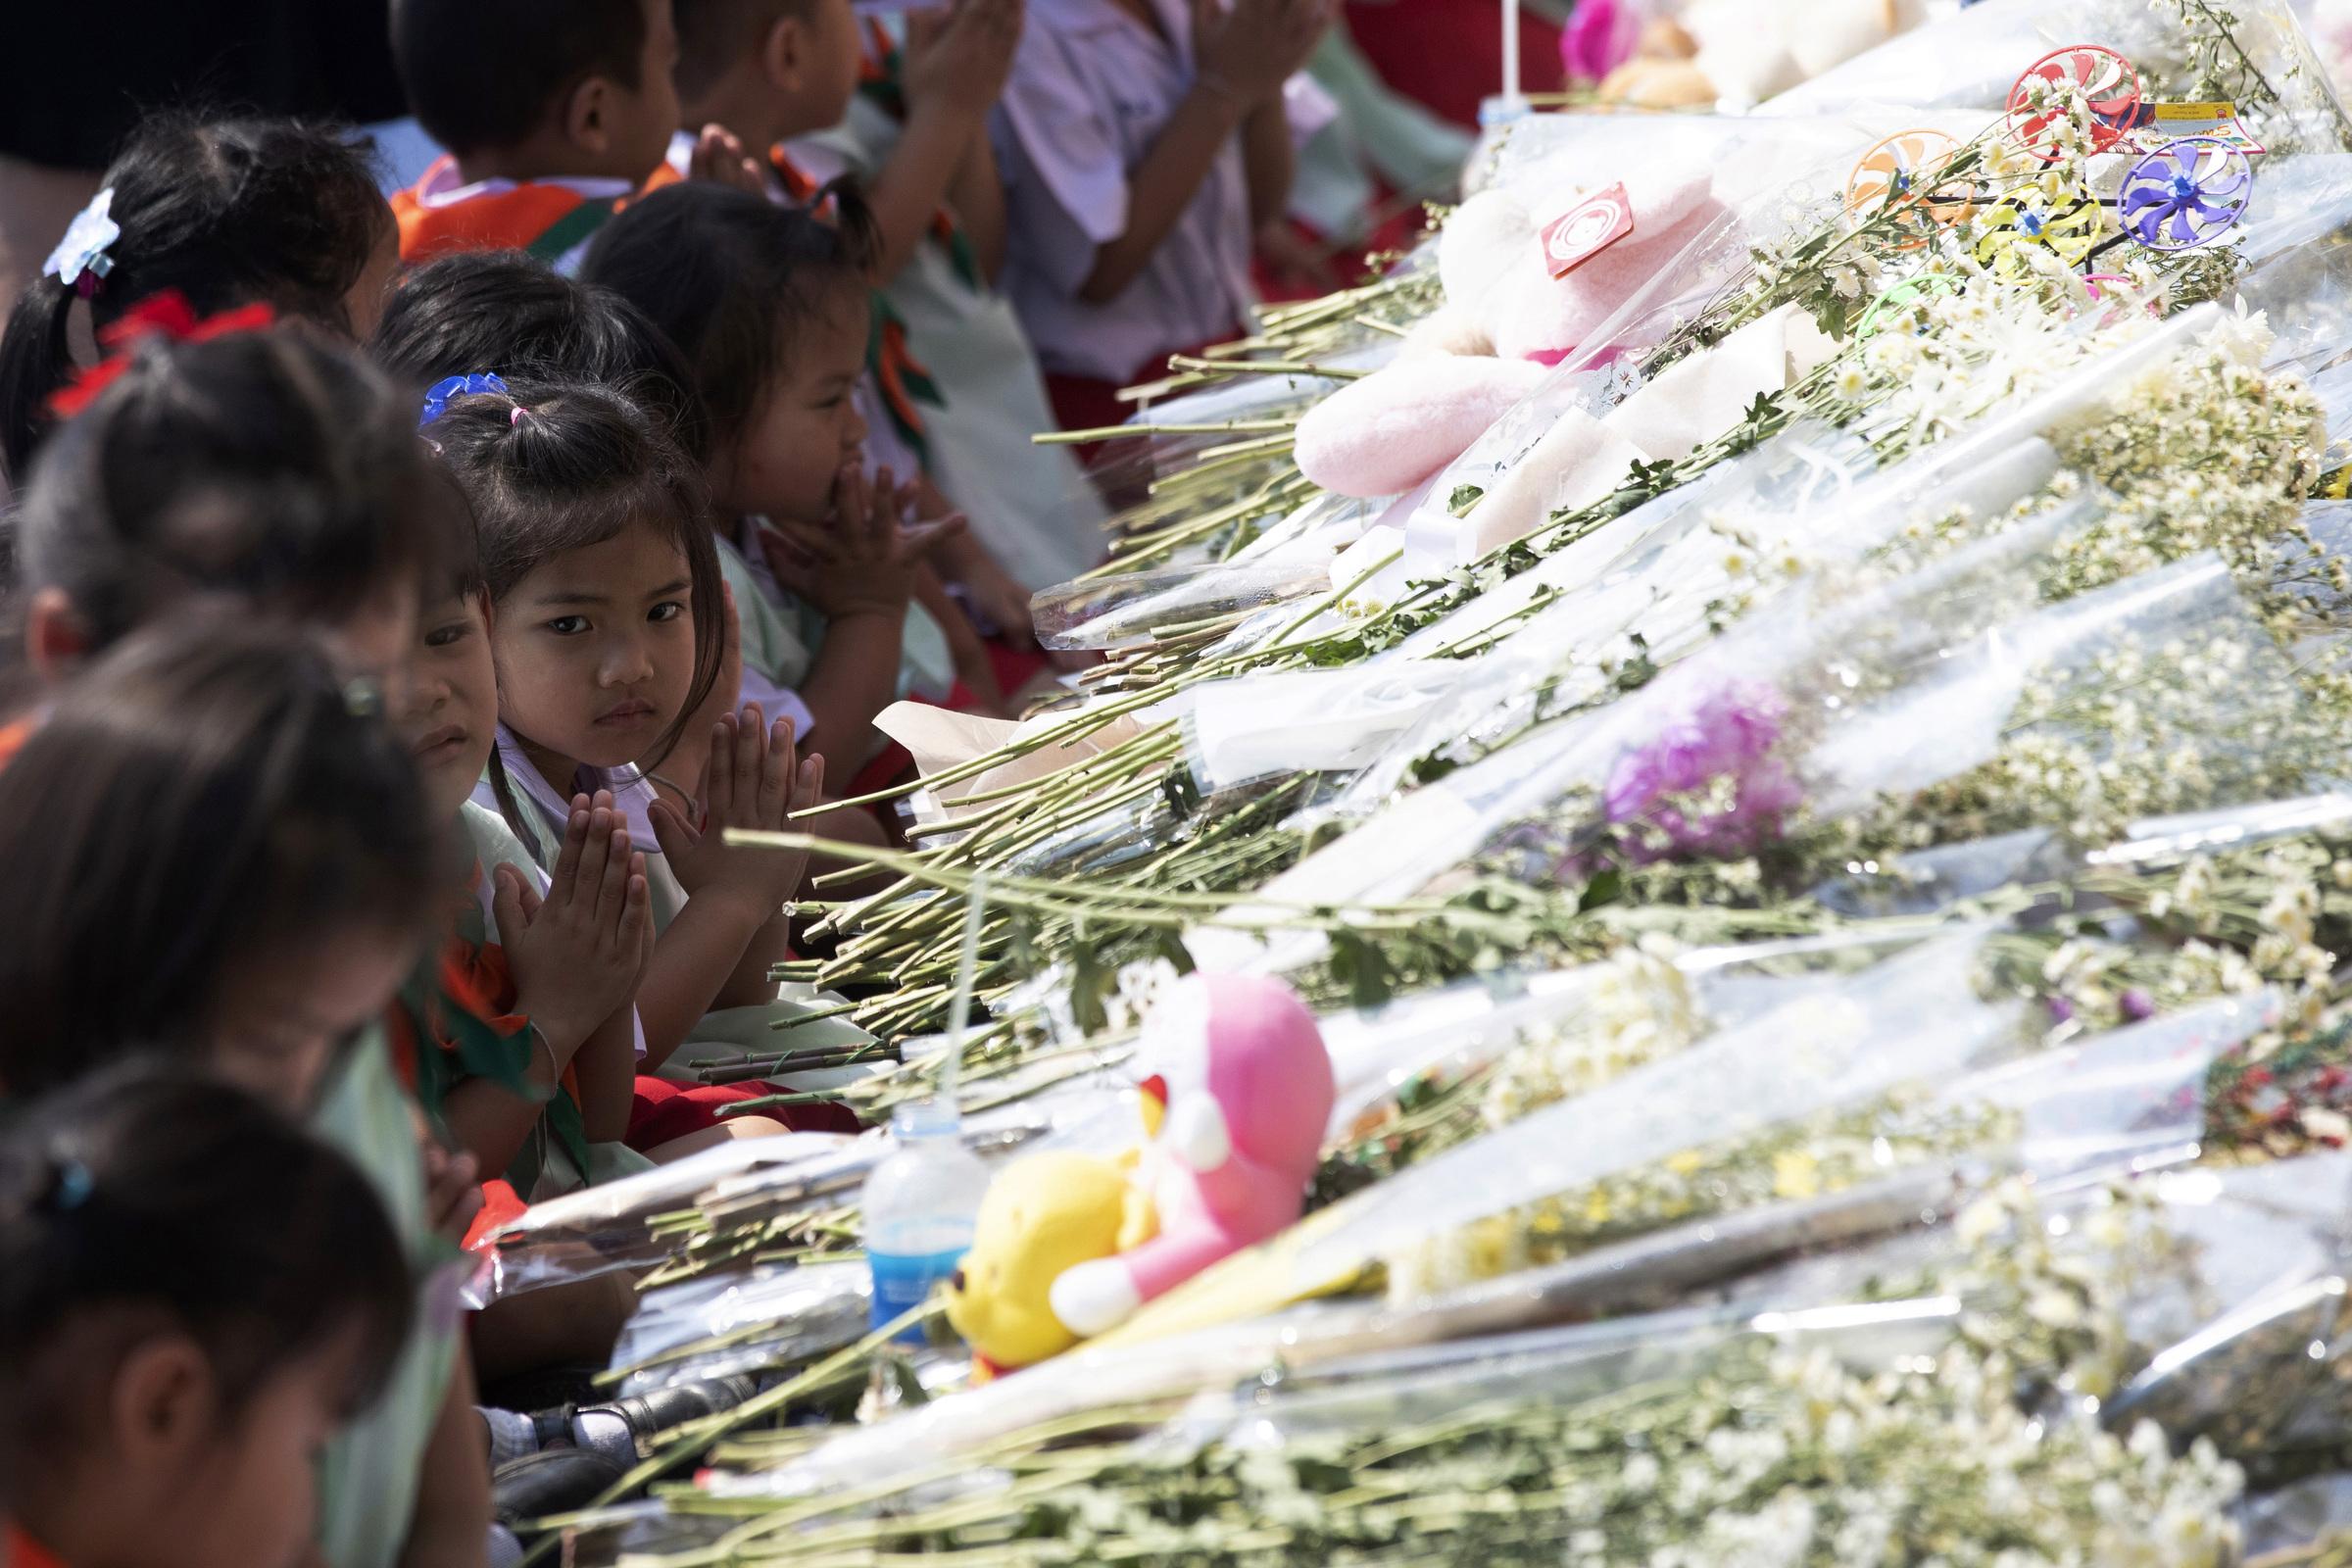 Thailandia, Sparatoria centro commerciale a Korat si ricordano le vittimeThailandia, Sparatoria centro commerciale; si ricordano le vittime (AP Photo/Sakchai Lalit)